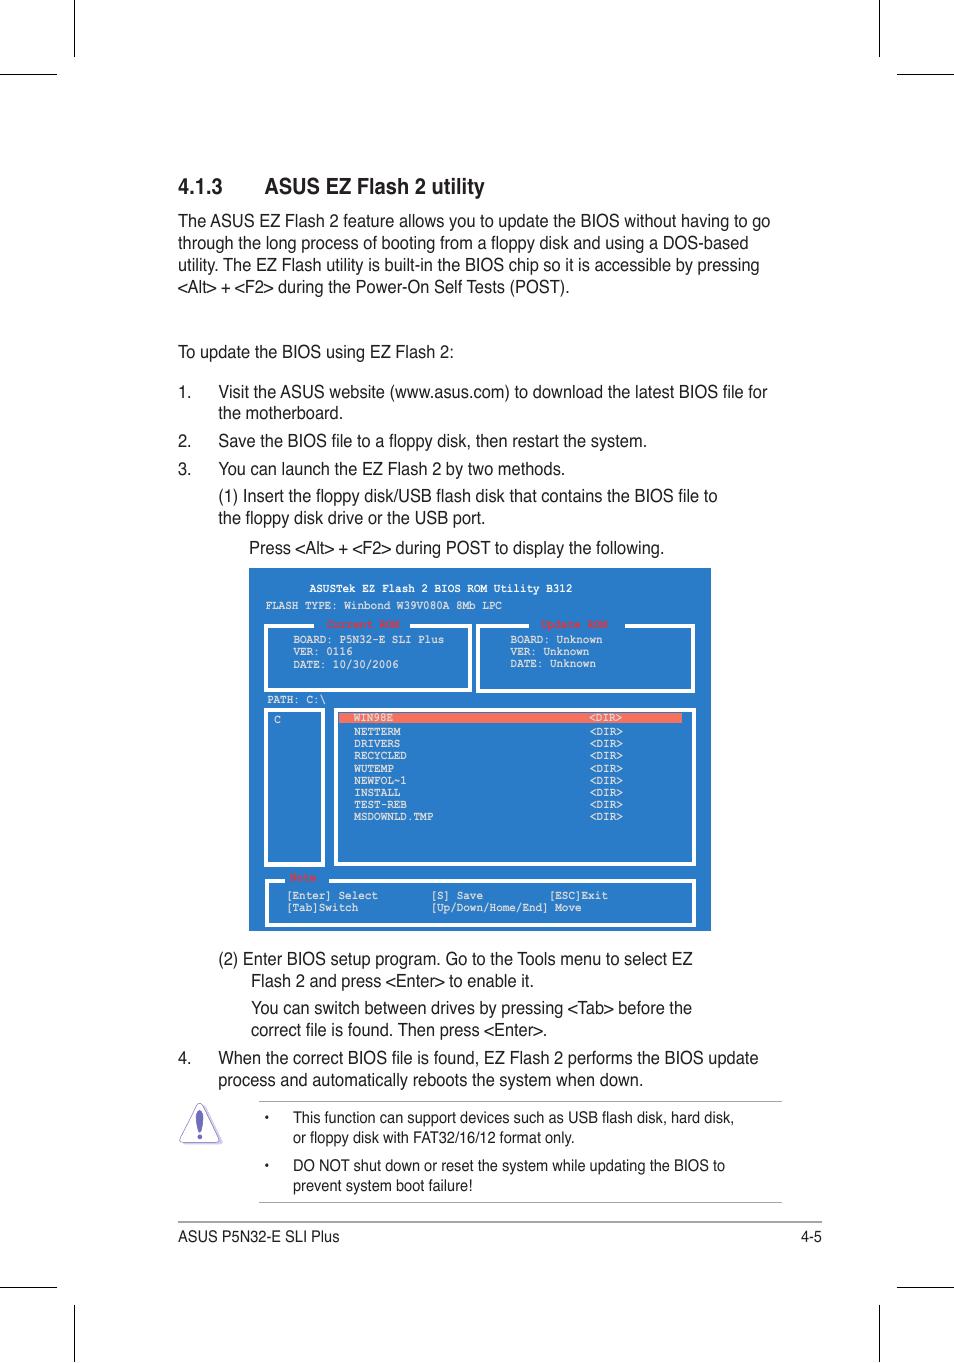 3 asus ez flash 2 utility | Asus P5N32-E SLI Plus User